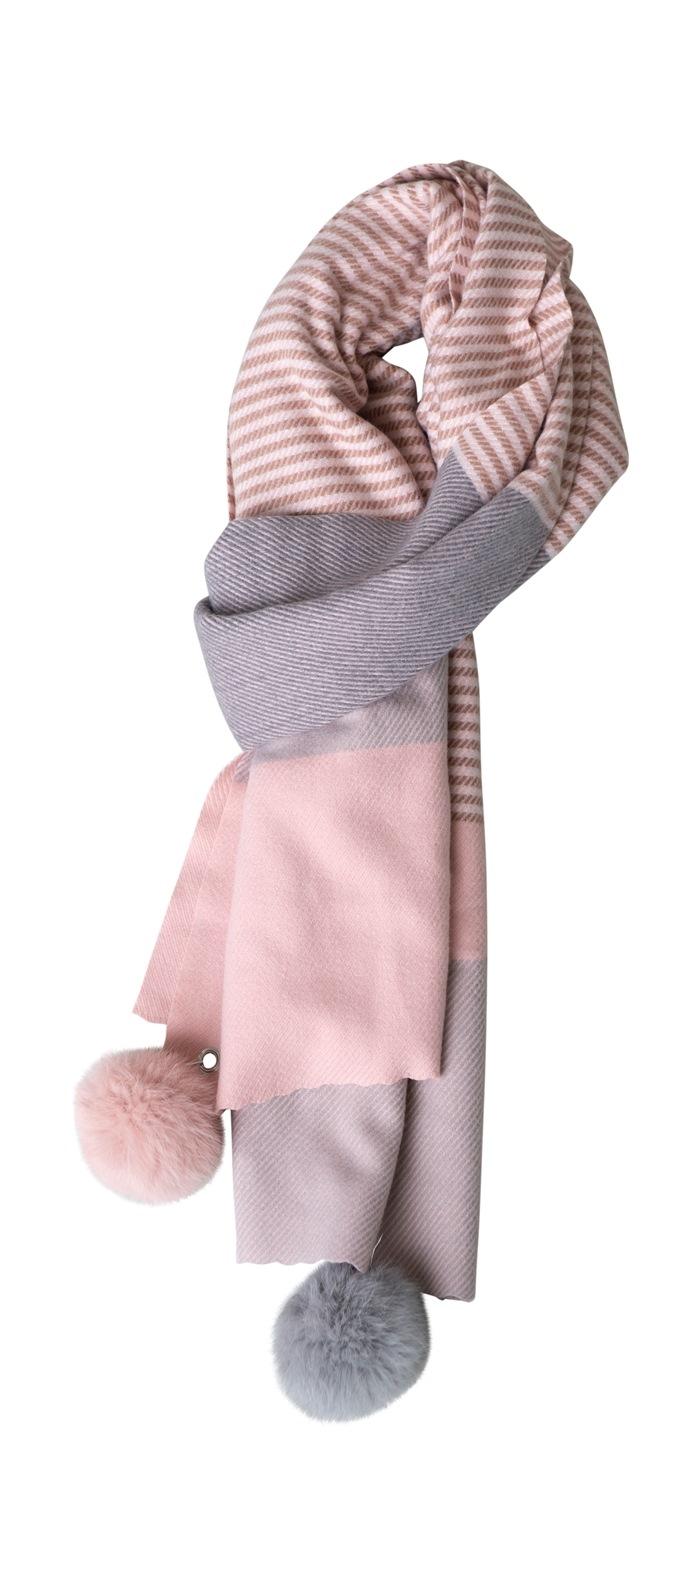 Tørklæde, kraftigt m/pompom, Strib, Rosa